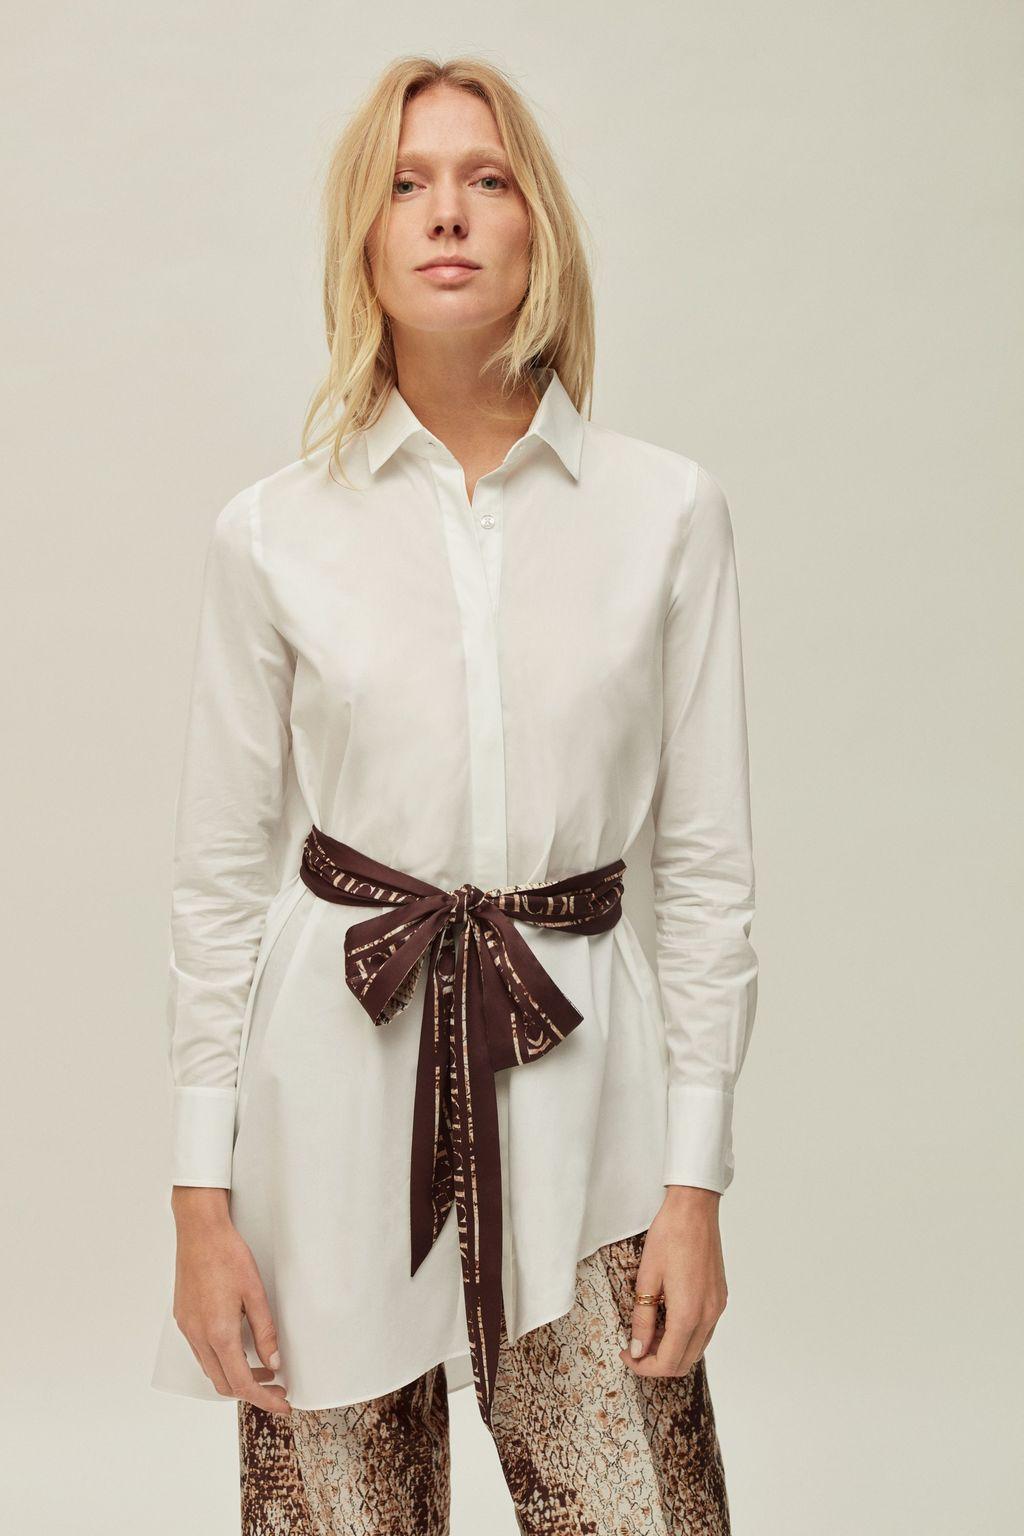 Asymmetric shirt with belt